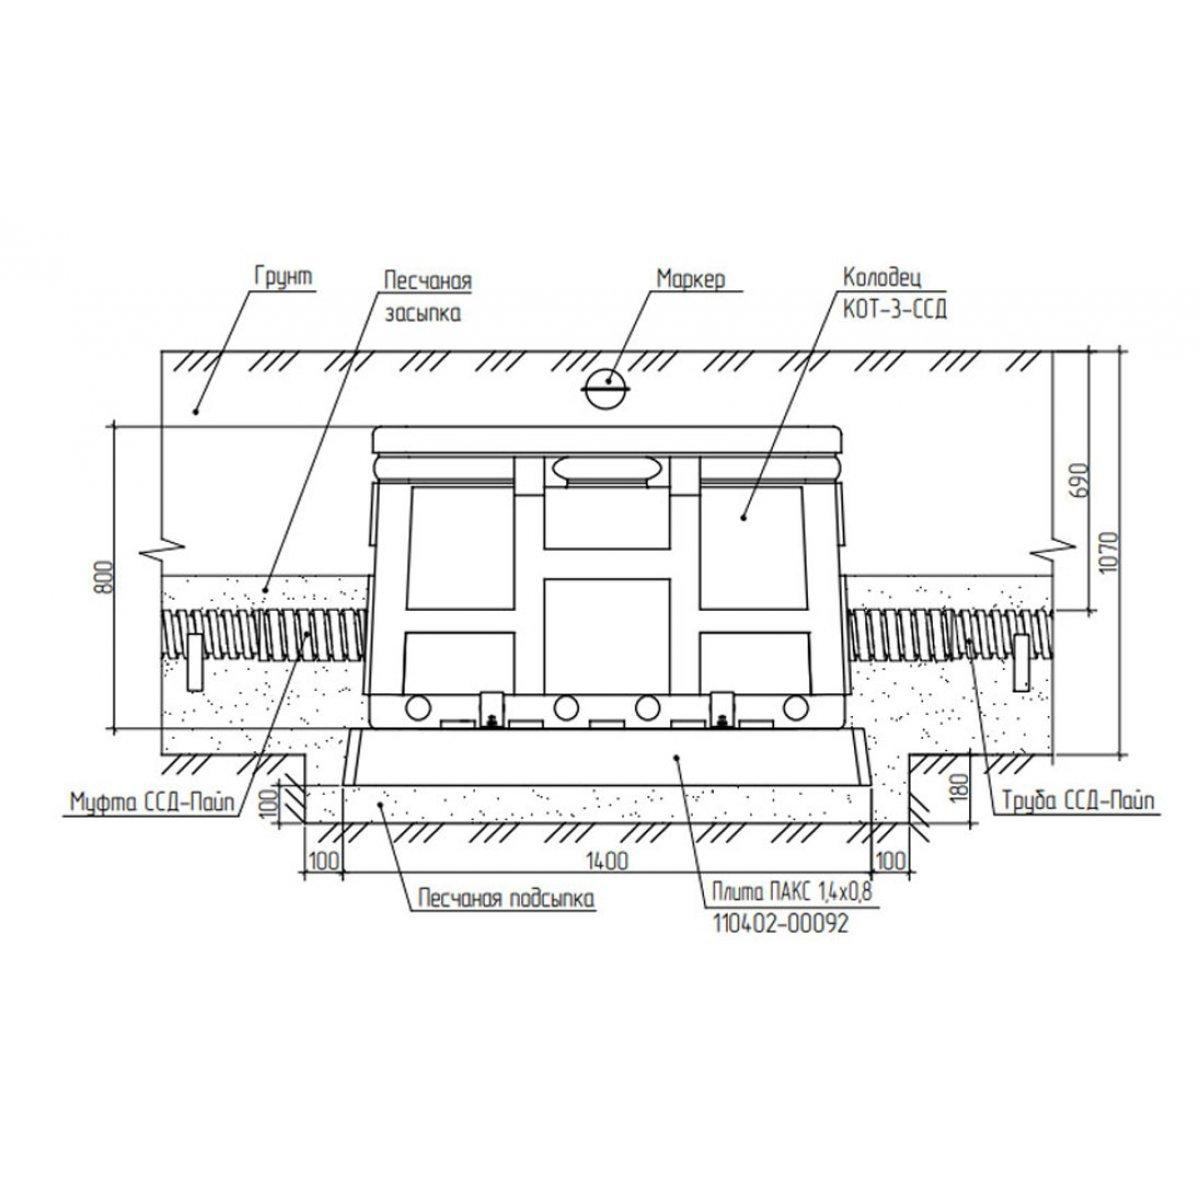 Камера оптическая трубопроводная КОТ-3-ССД